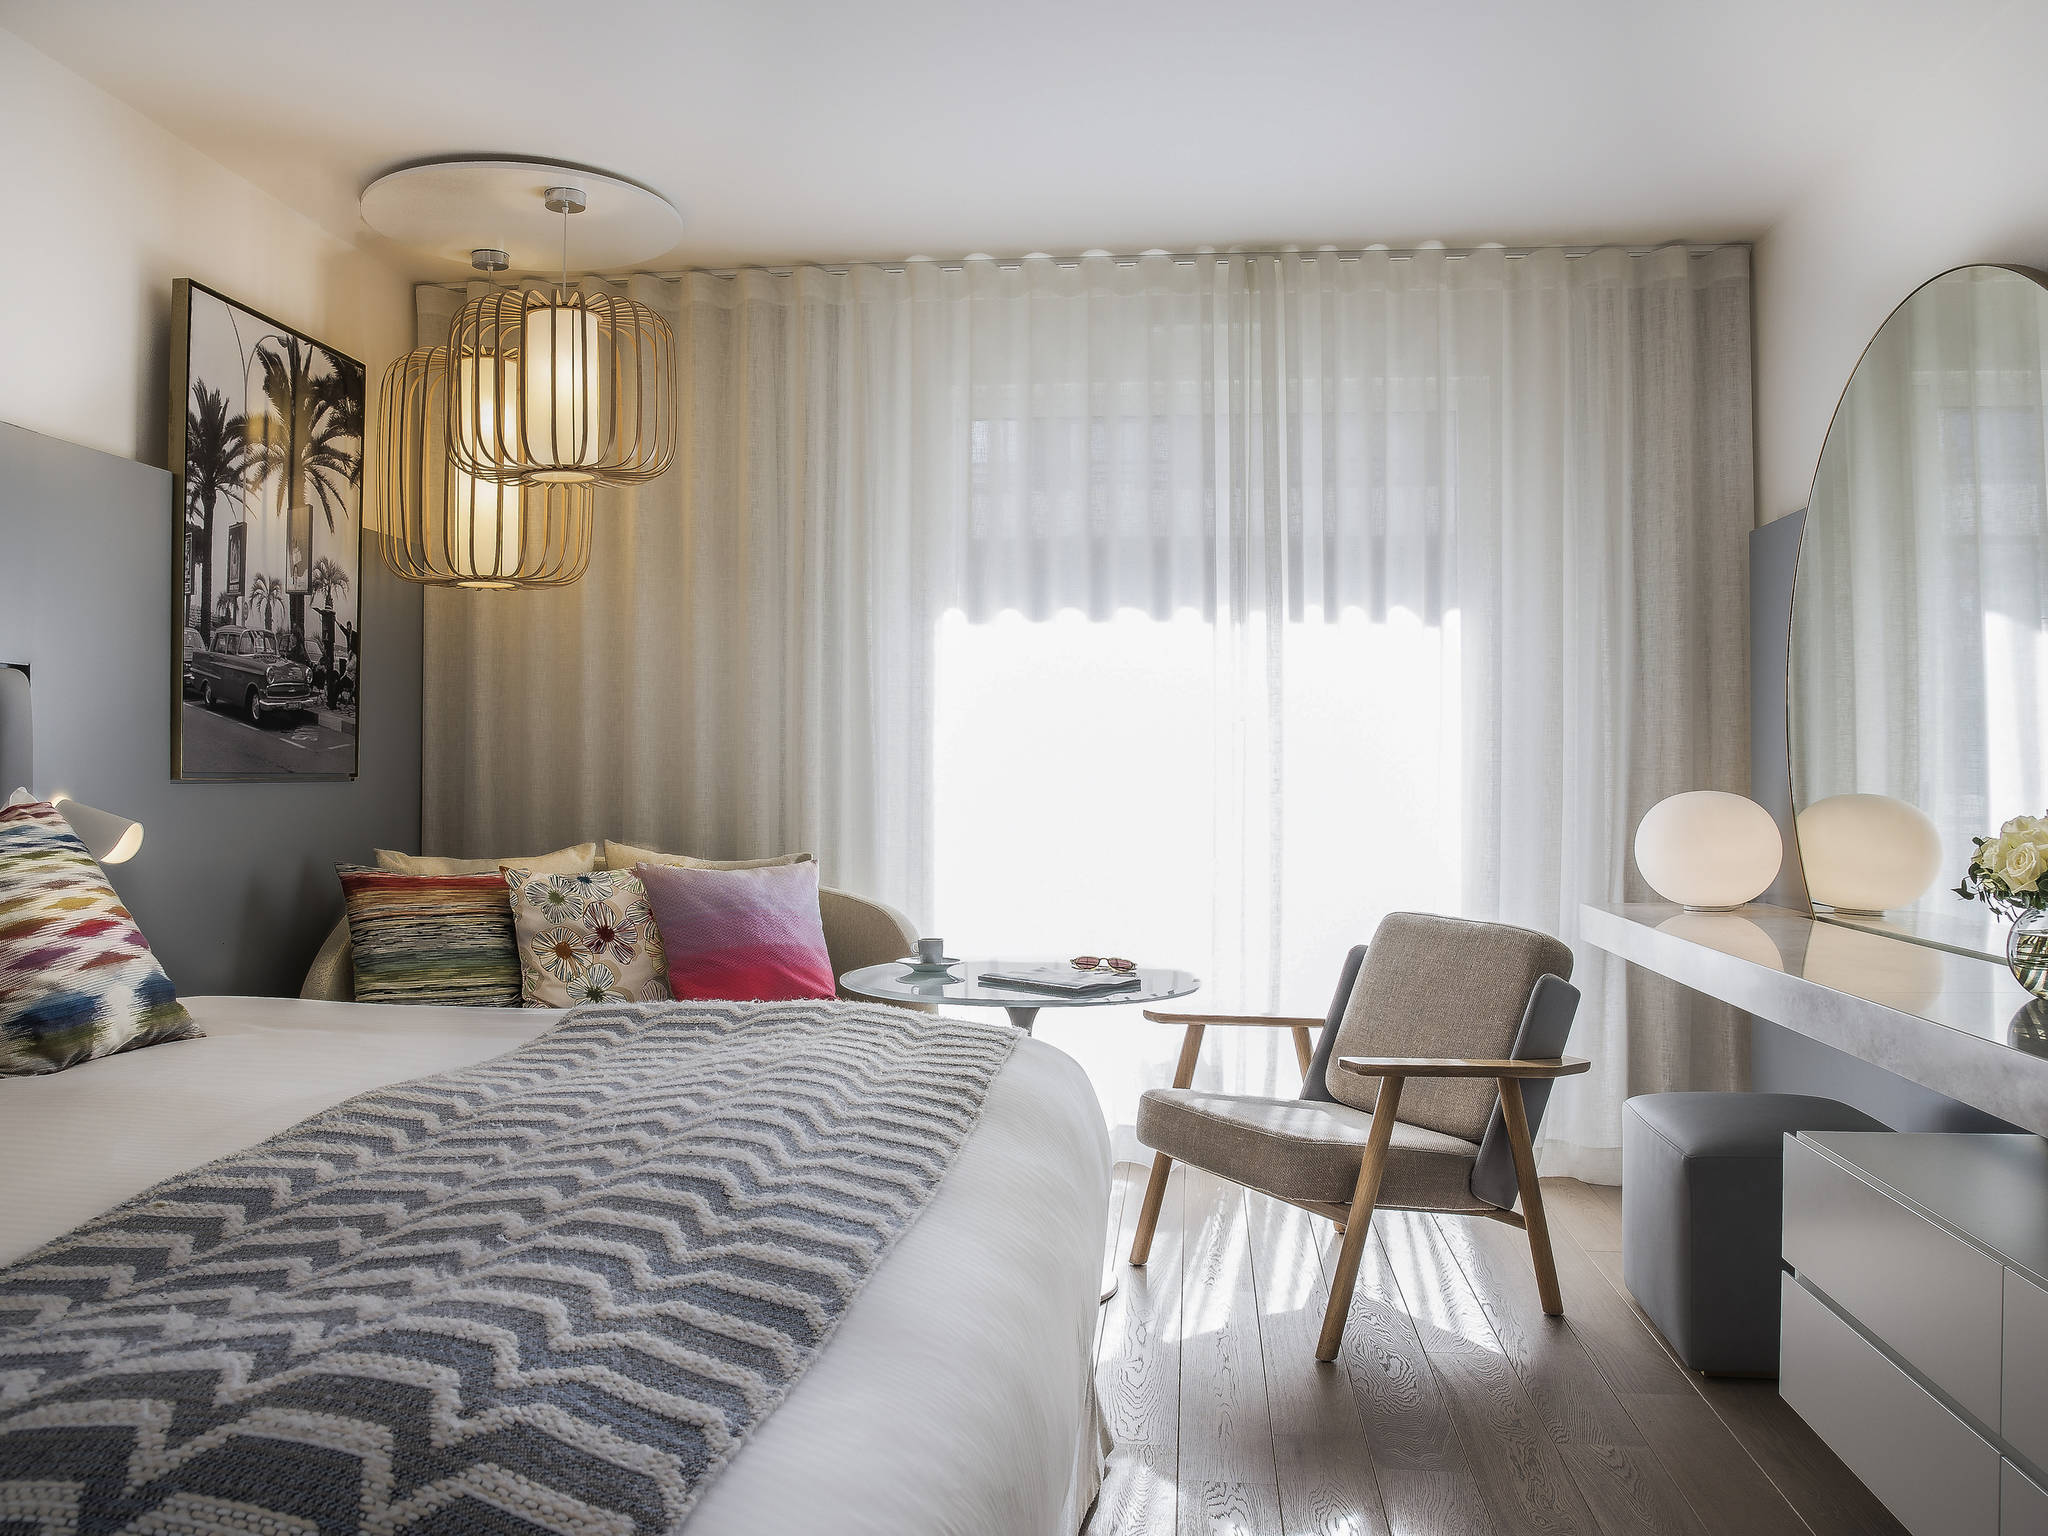 호텔 – 그랜드 호텔 머큐어 크루아제트 비치 호텔